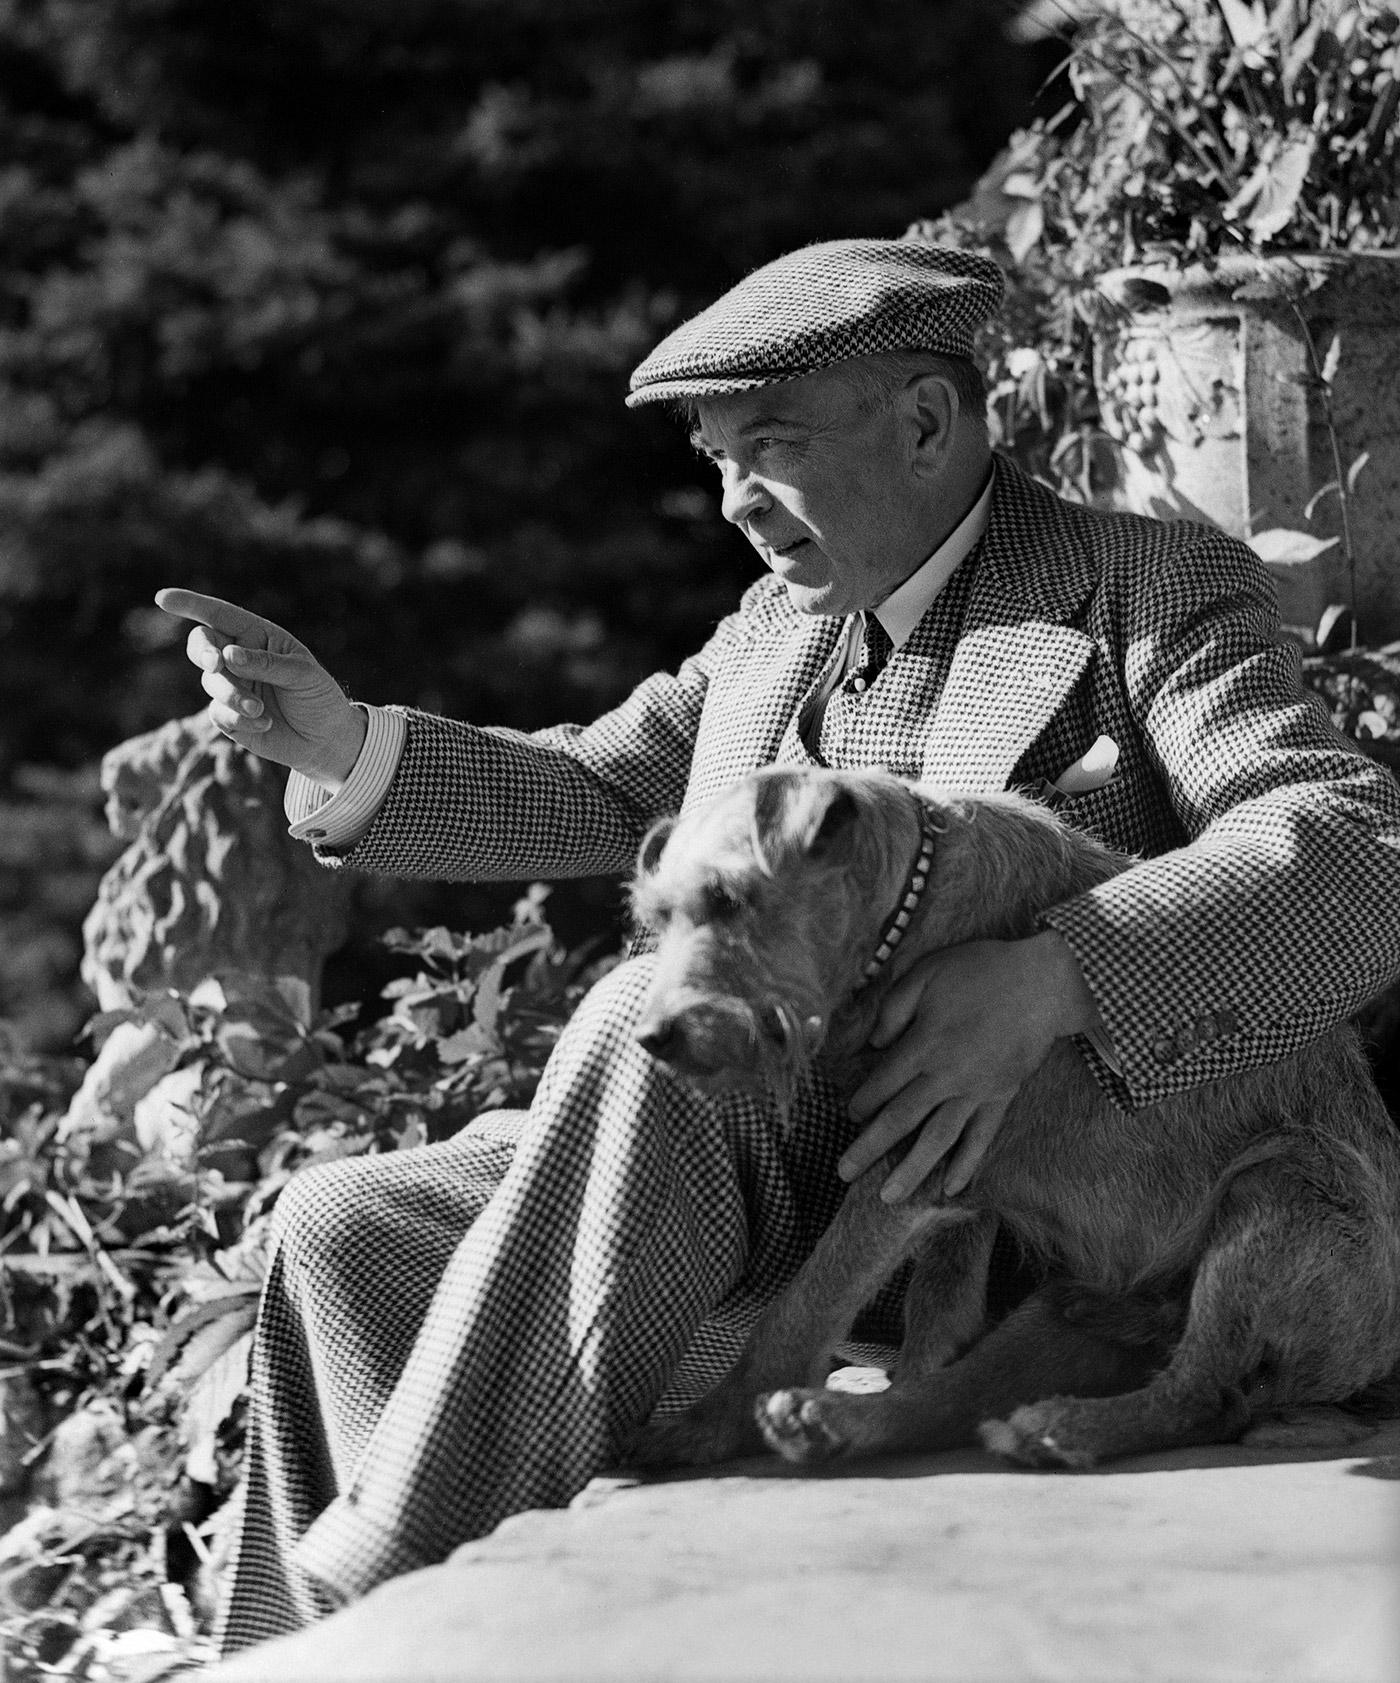 William Lyon Mackenzie King et son chien, Pat I, au chalet Moorside.  21 août 1940. Créateur: Yousuf Karsh.  CC Attribution 2.0